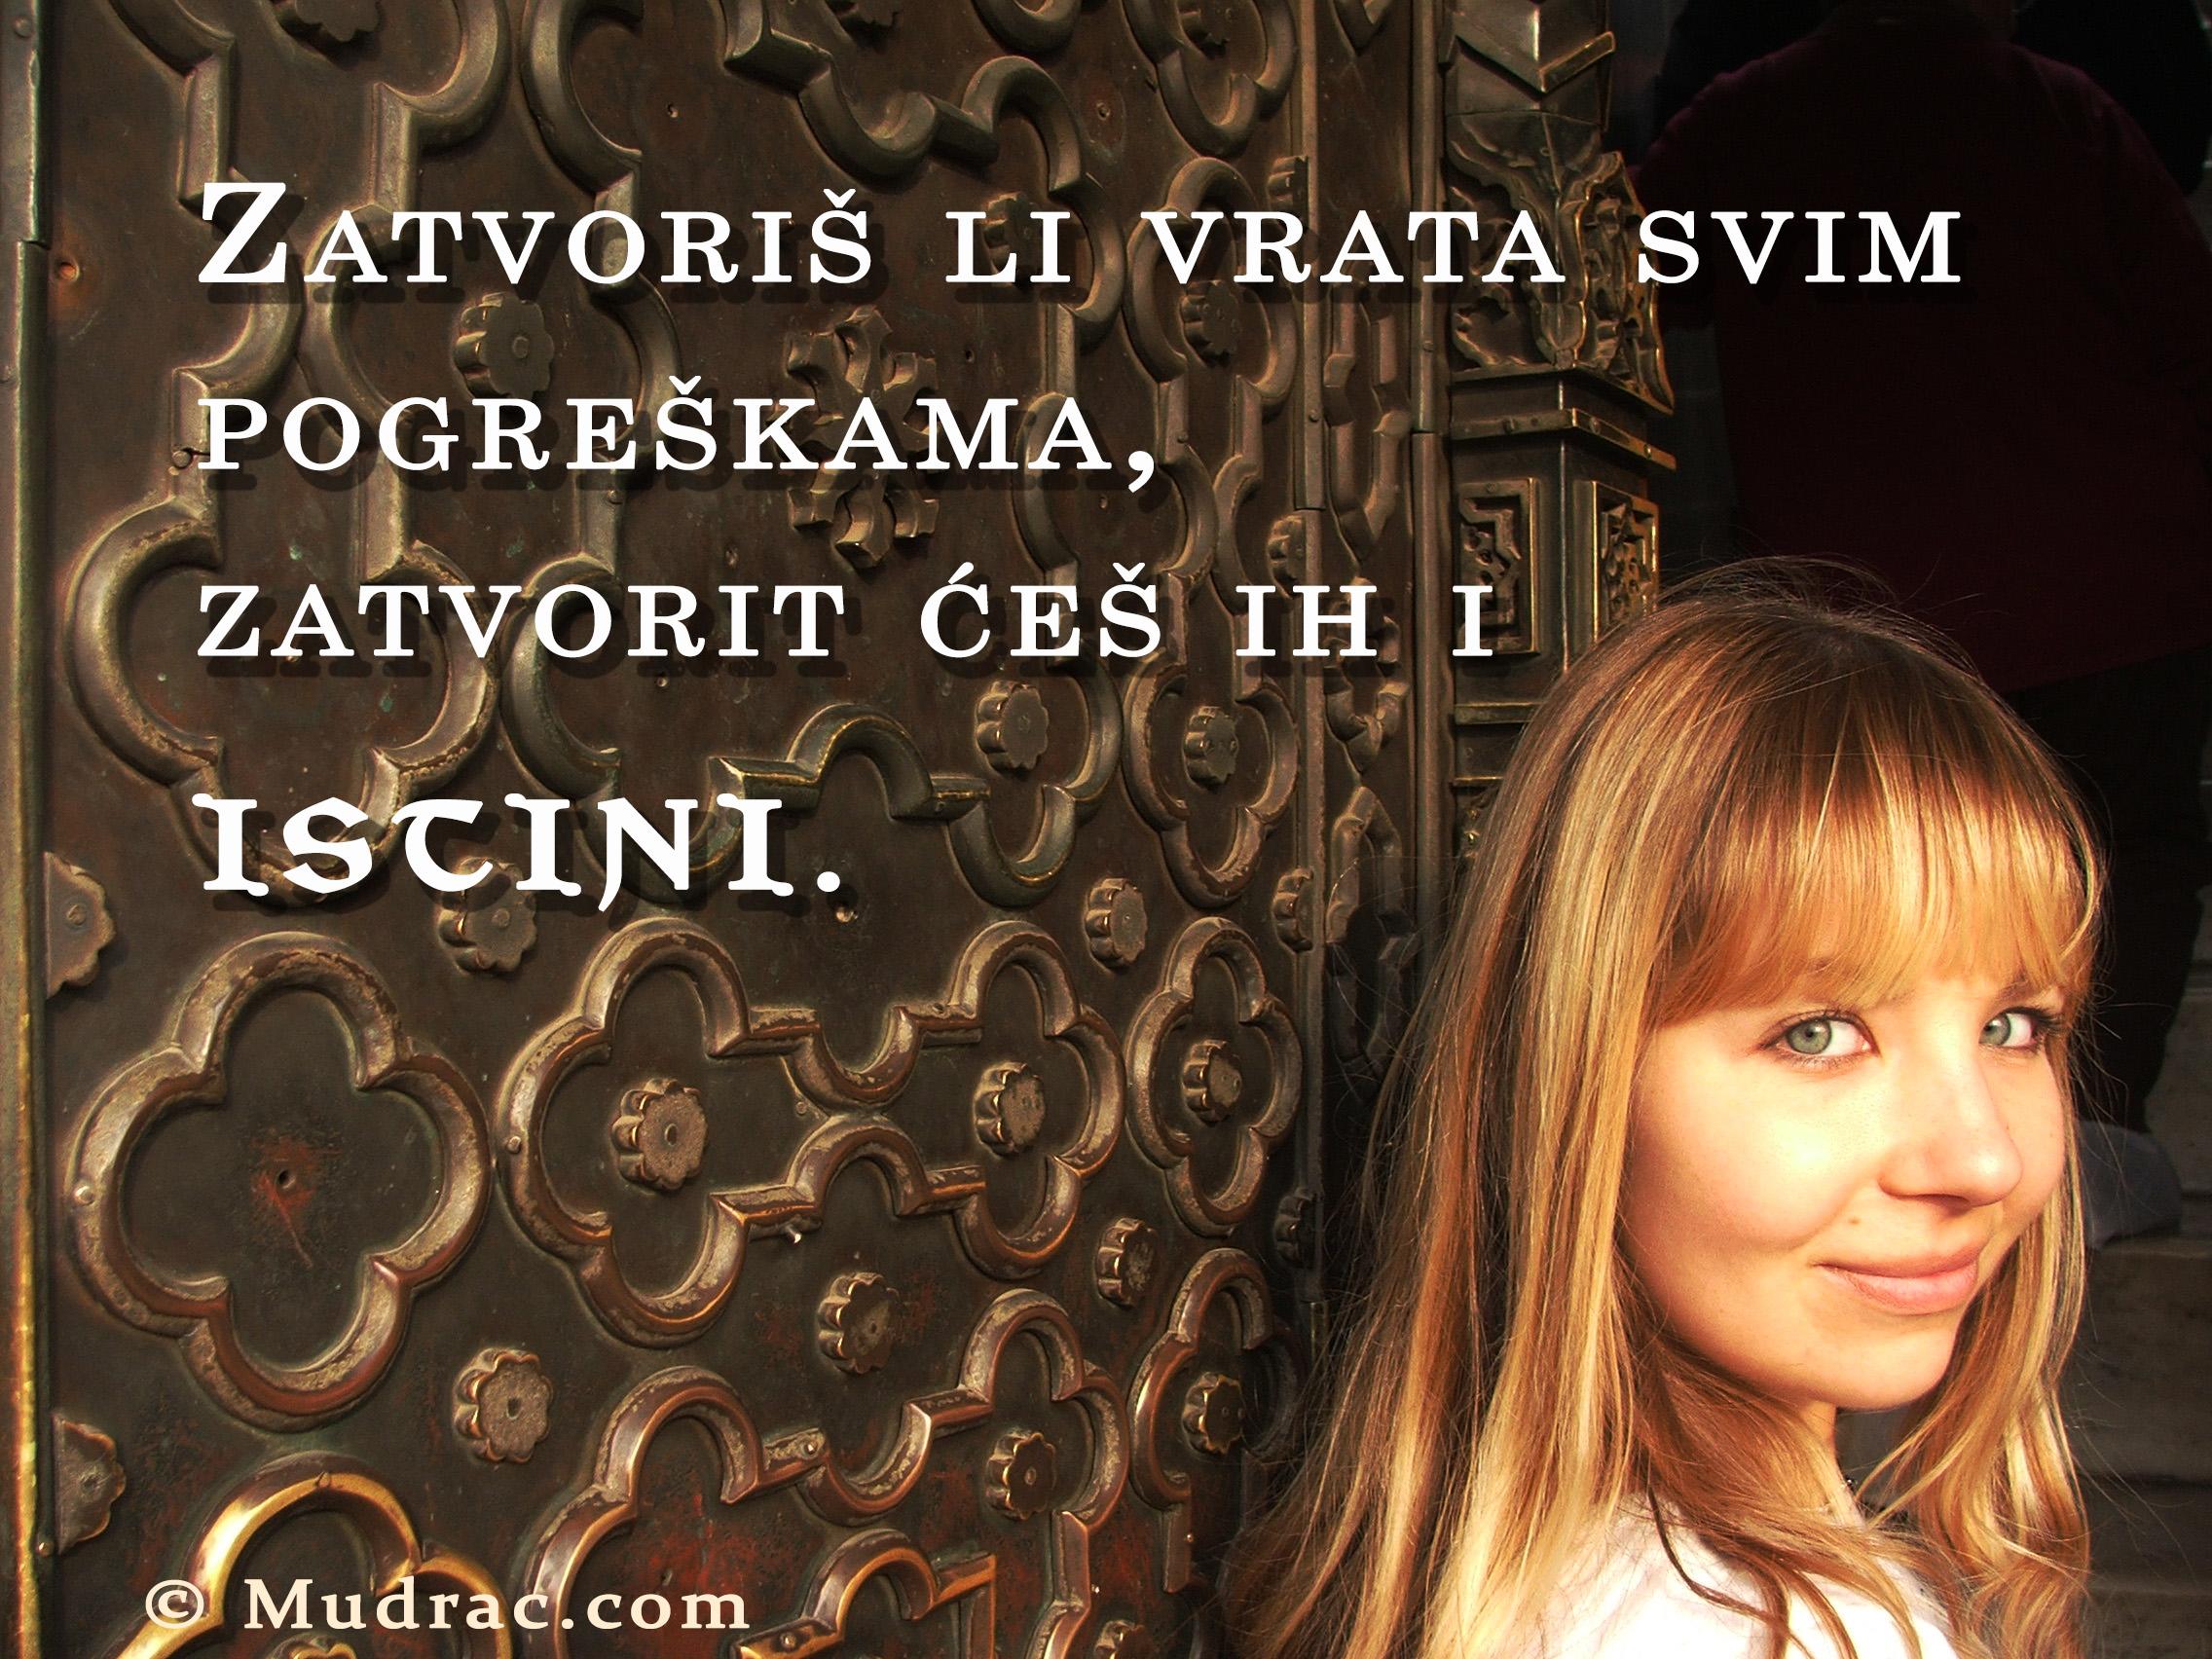 Zatvoriš li vrata svim pogreškama, zatvorit ćeš ih i istini.